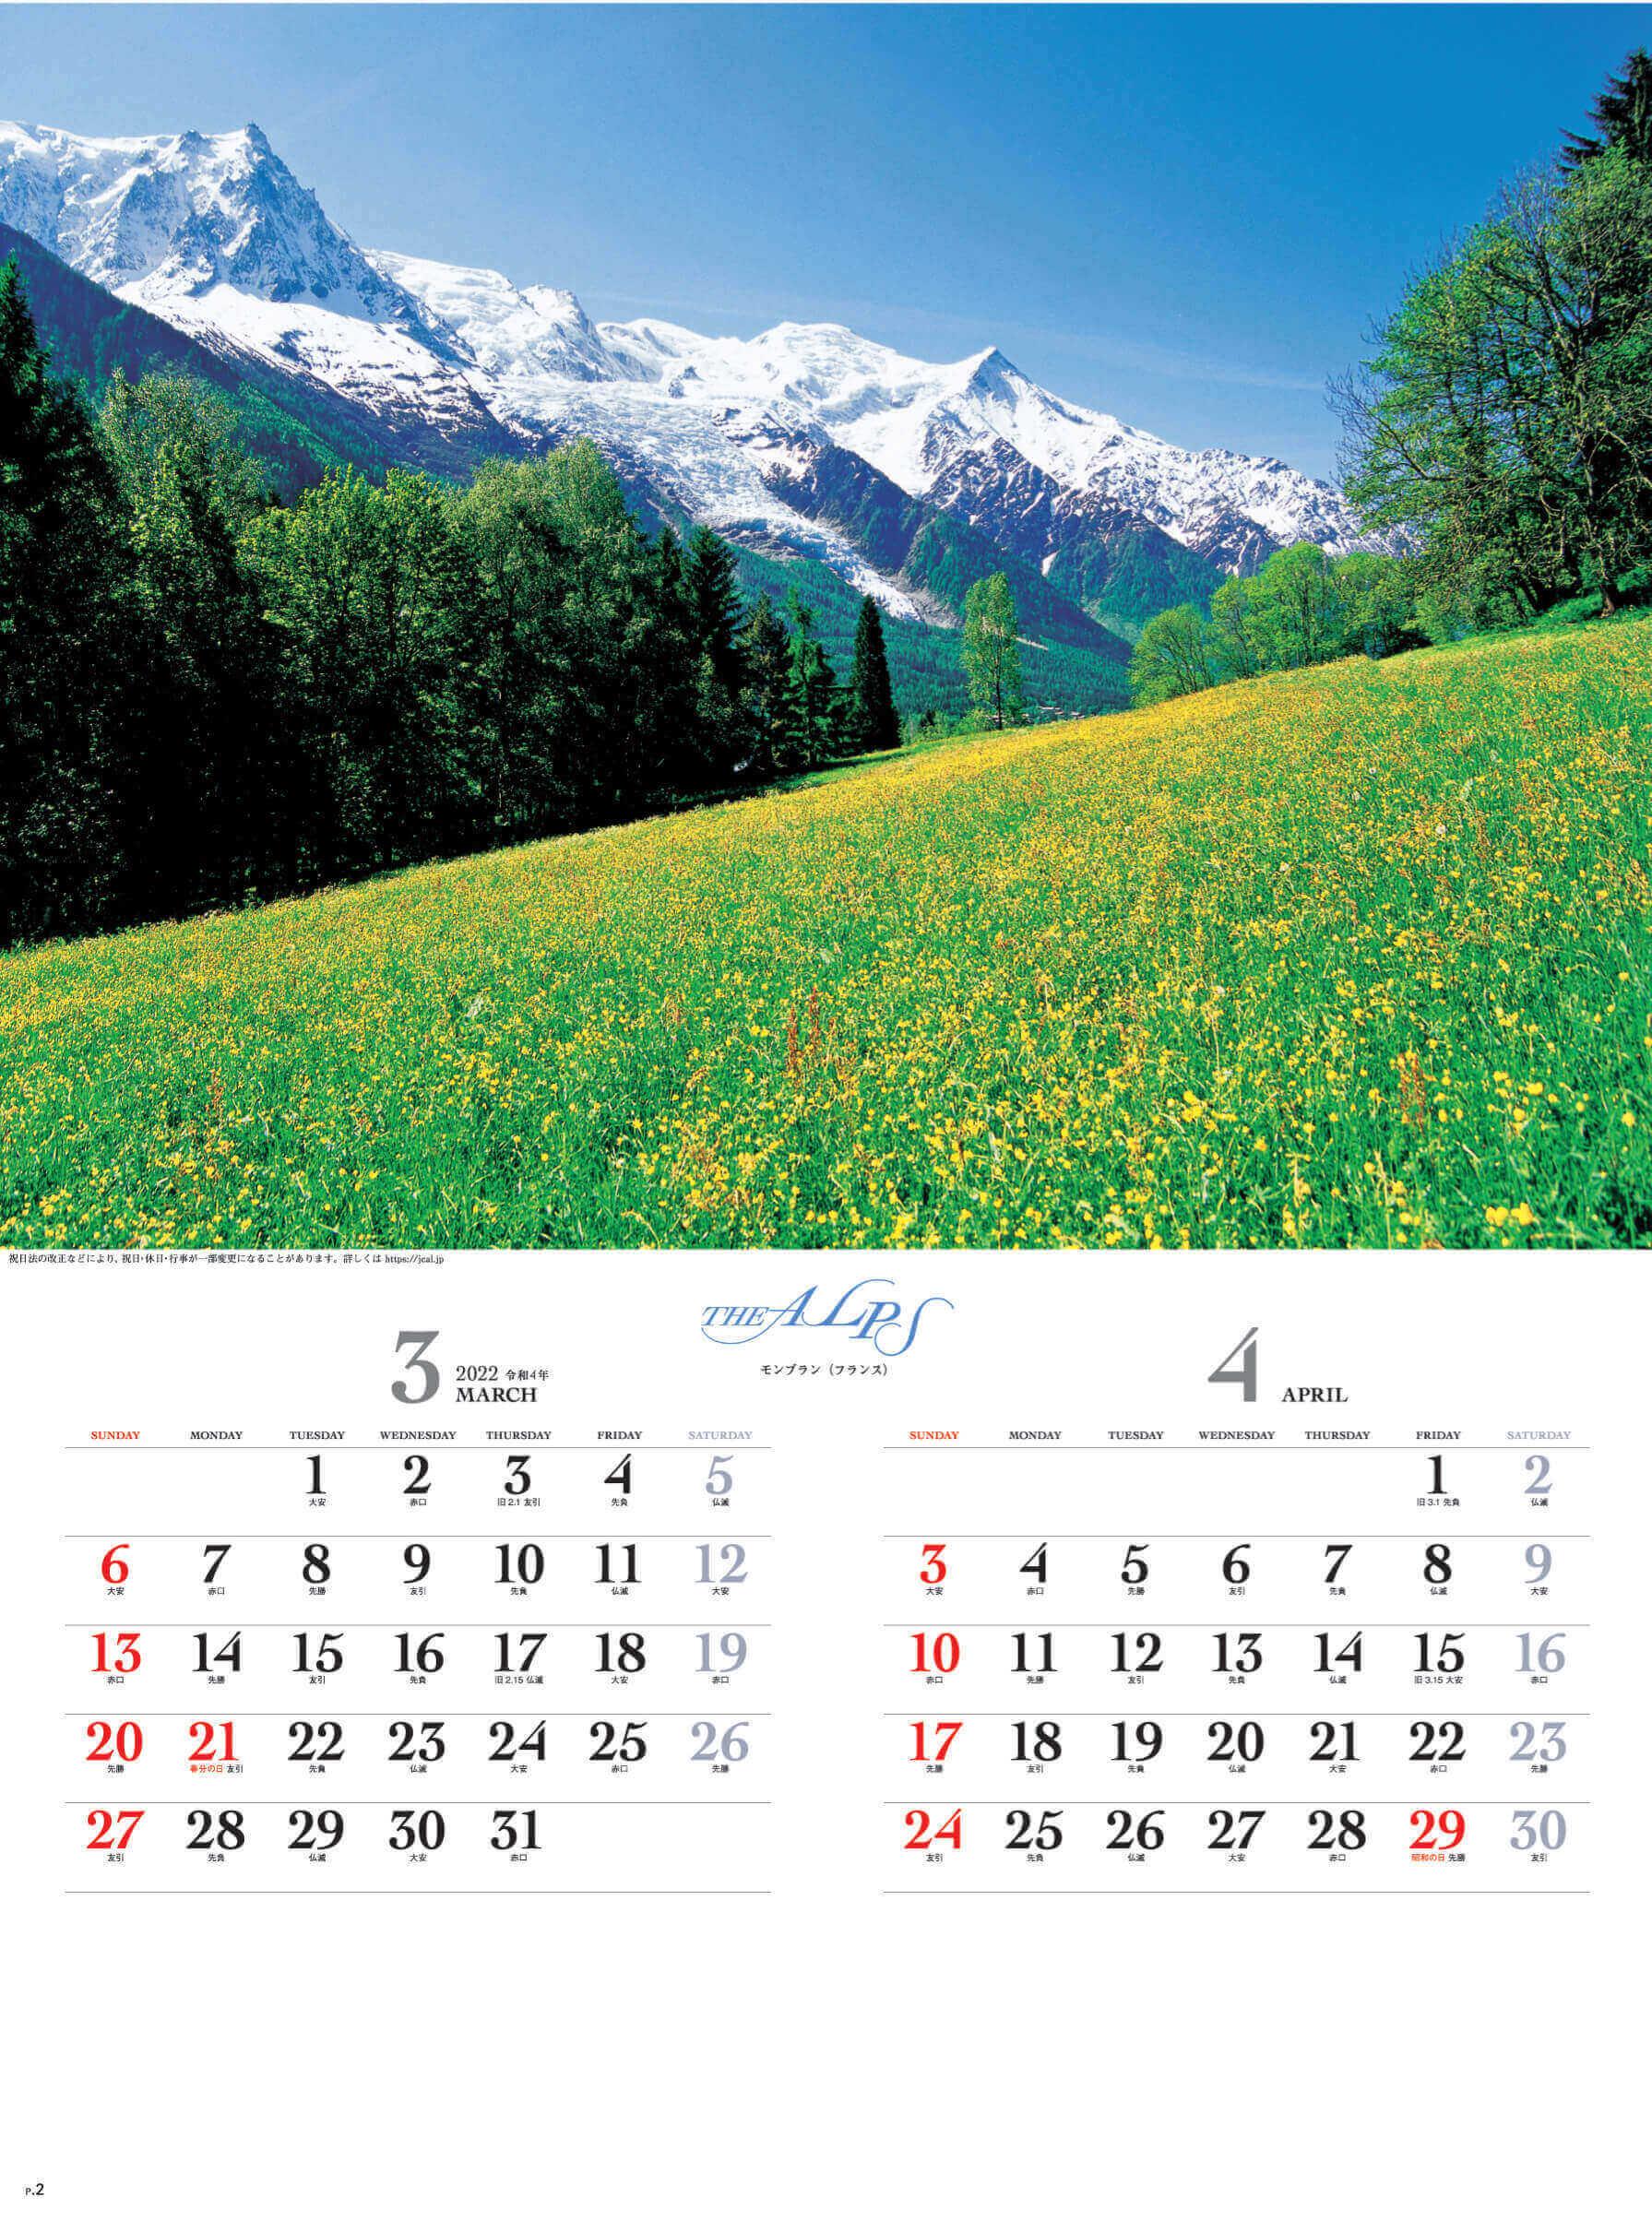 3-4月 モンブラン(フランス) アルプス 2022年カレンダーの画像